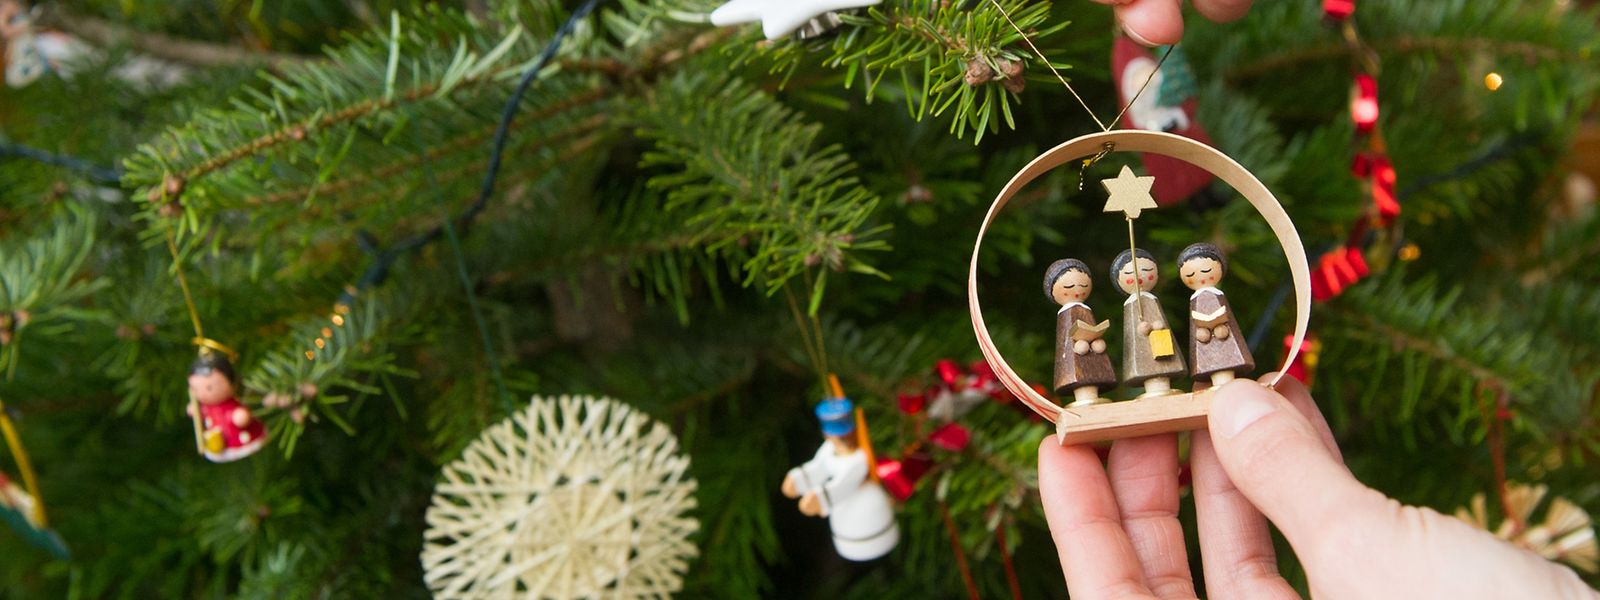 Pro Viertel Meter Höhe bieten sich je nach Durchmesser zehn bis 20 Dekorationselemente für den Weihnachtsbaum an.